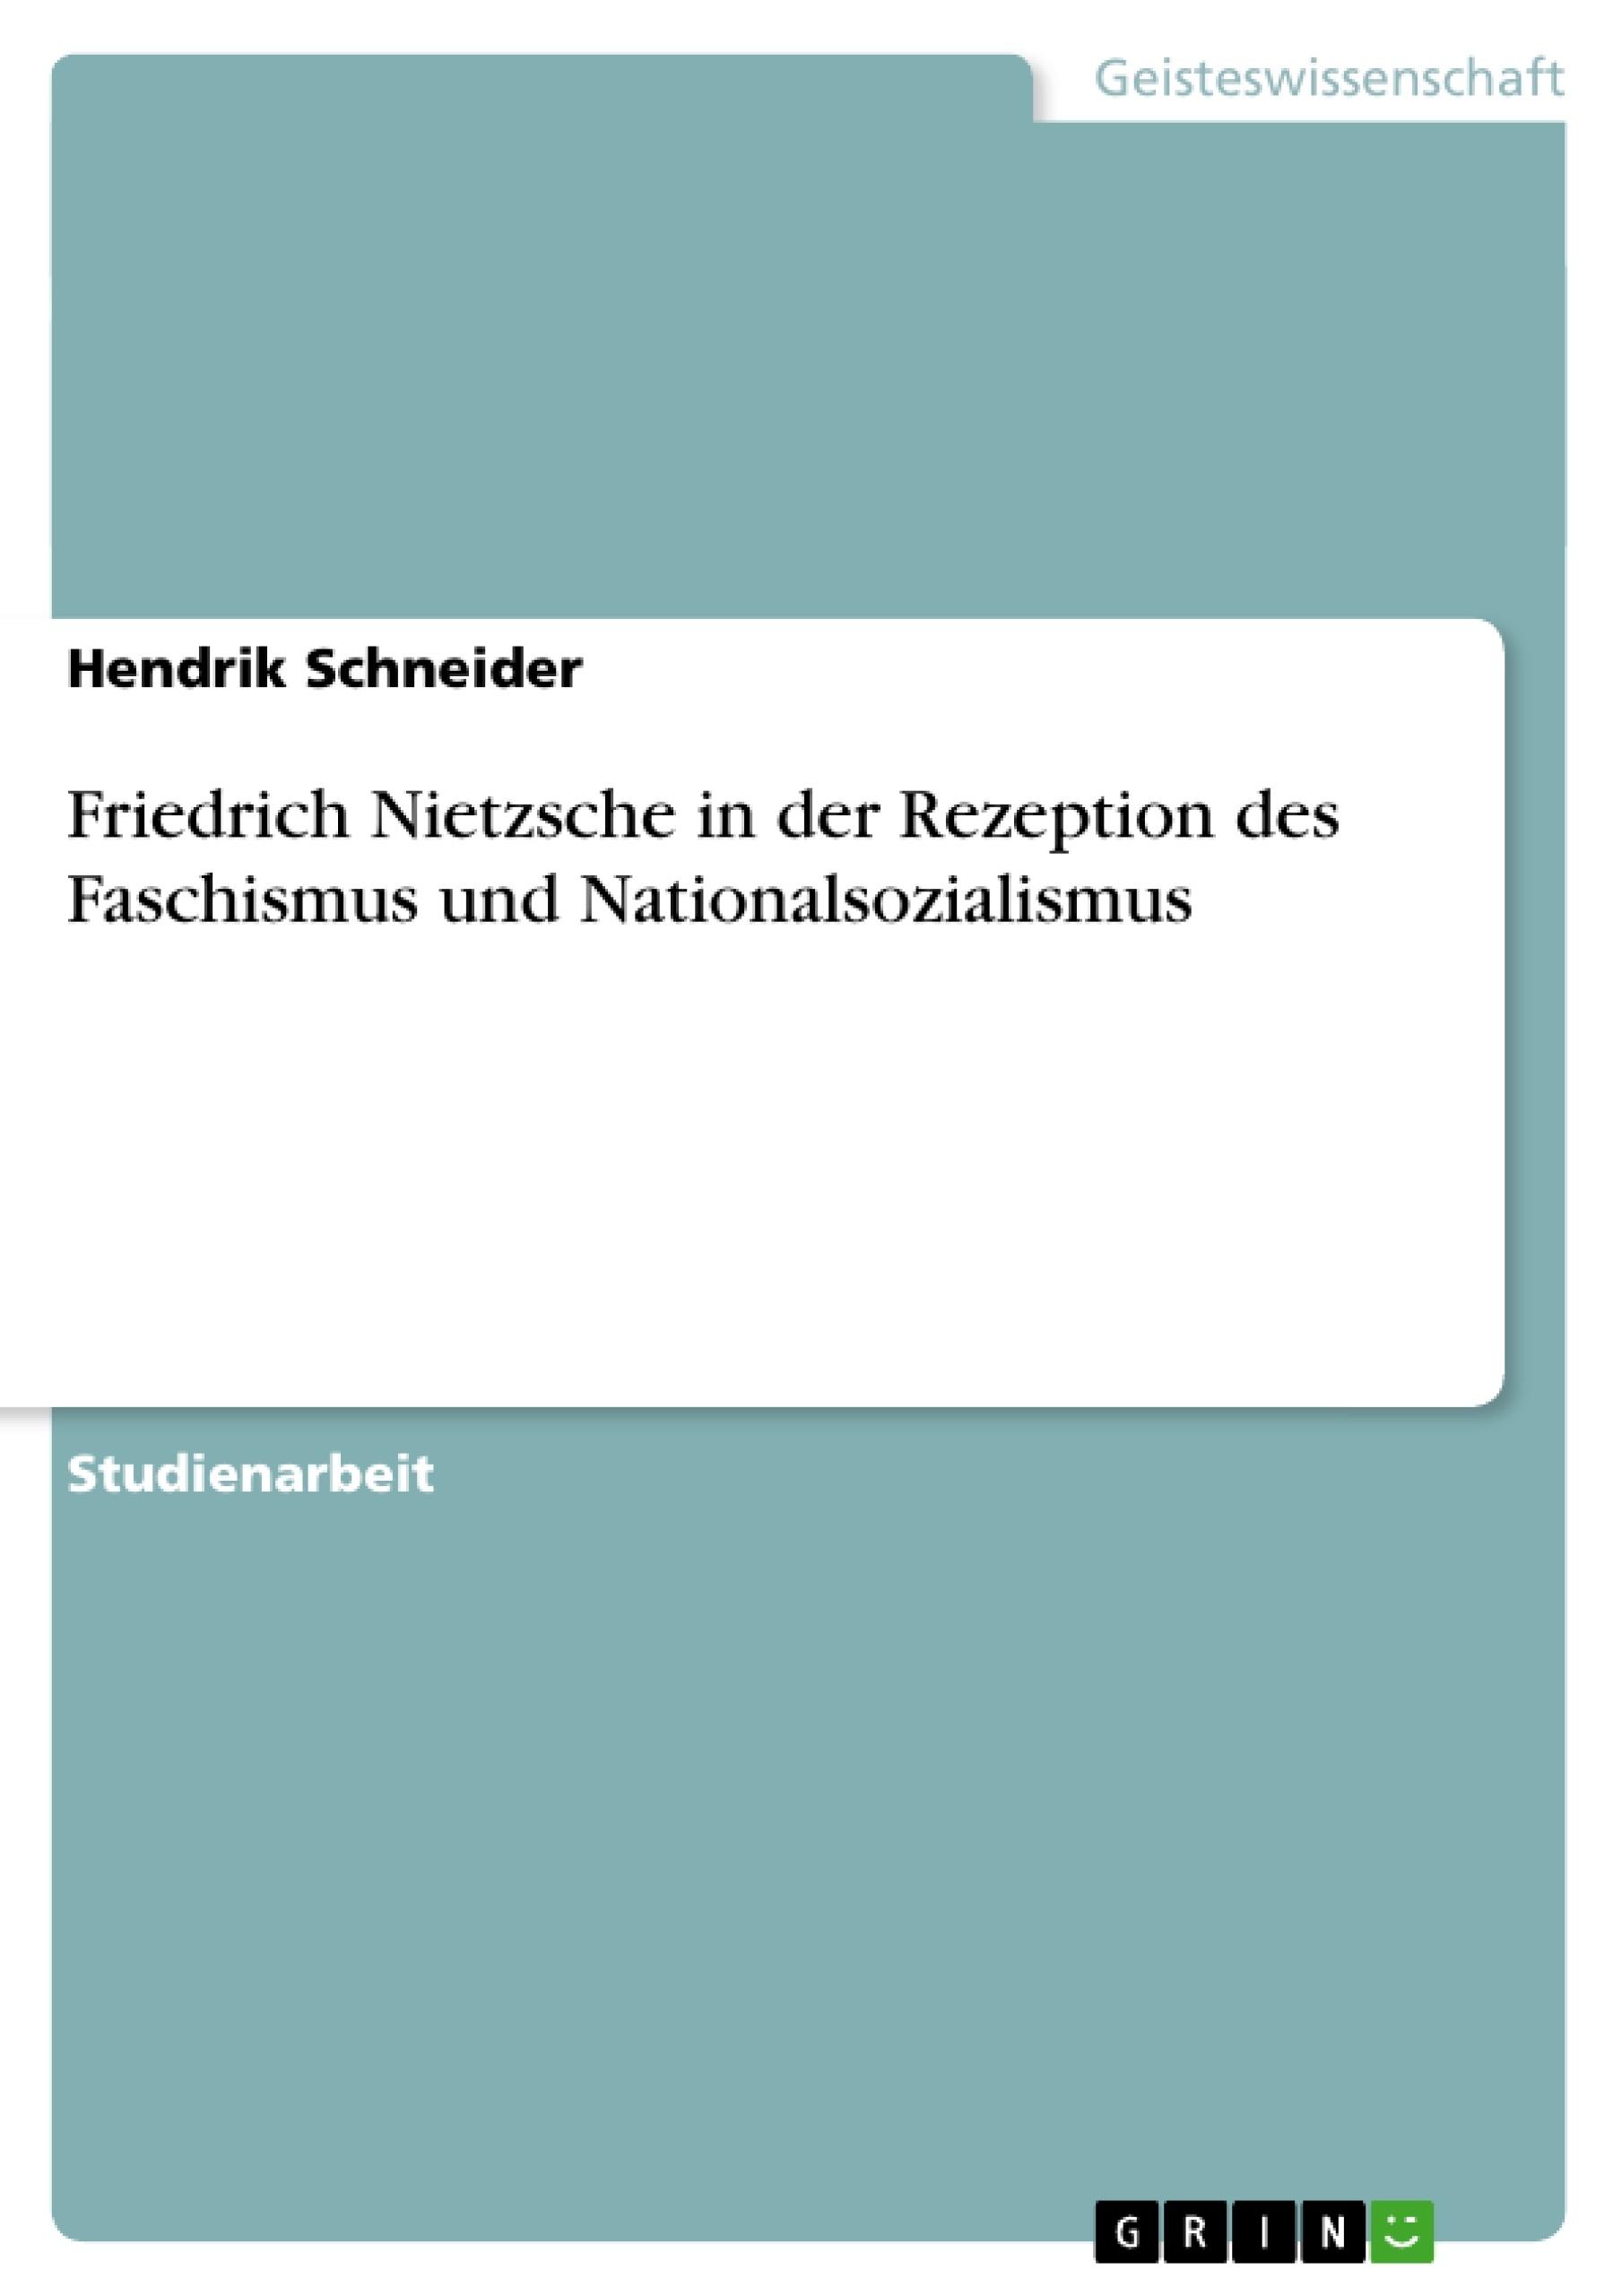 Titel: Friedrich Nietzsche in der Rezeption des Faschismus und Nationalsozialismus